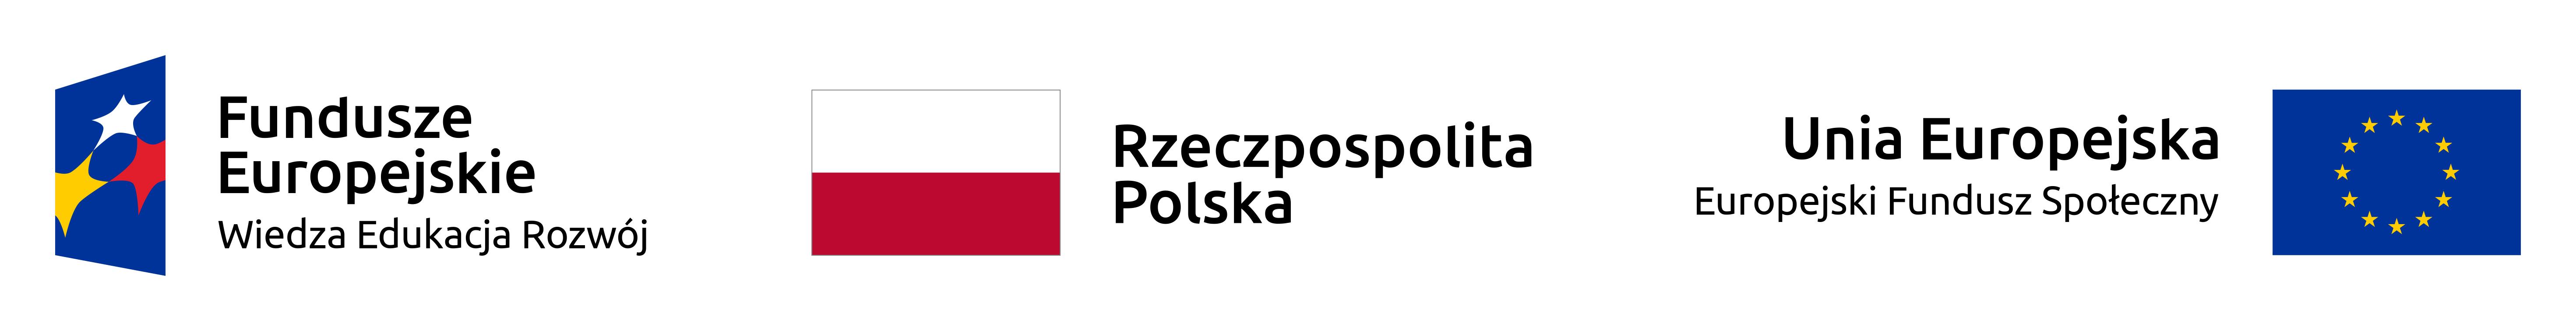 Znalezione obrazy dla zapytania logotypy unijne power